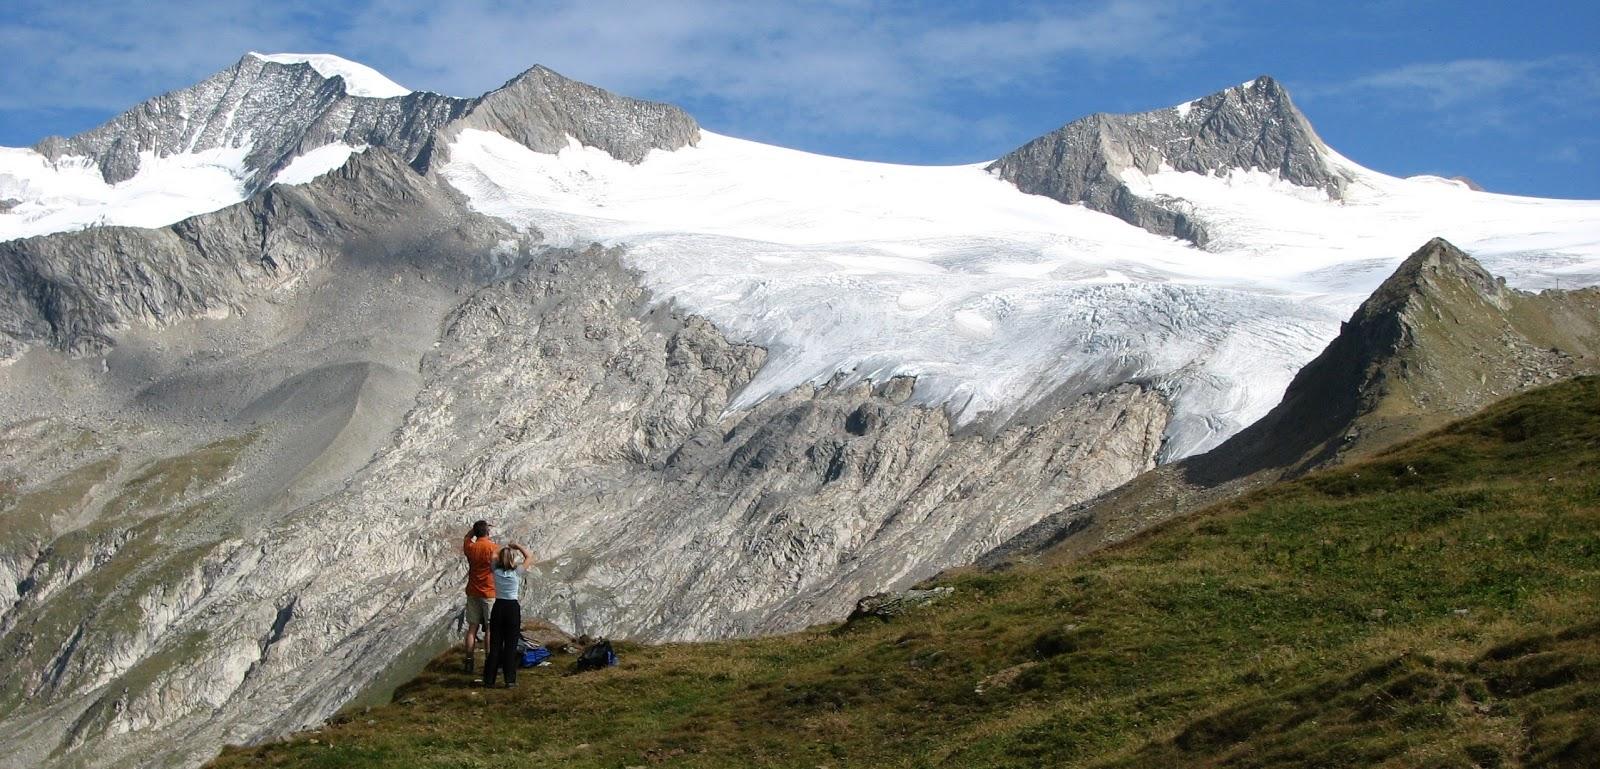 25 Kata Kata Menikmati Alam Yang Menginspirasi Basecamp Pendaki